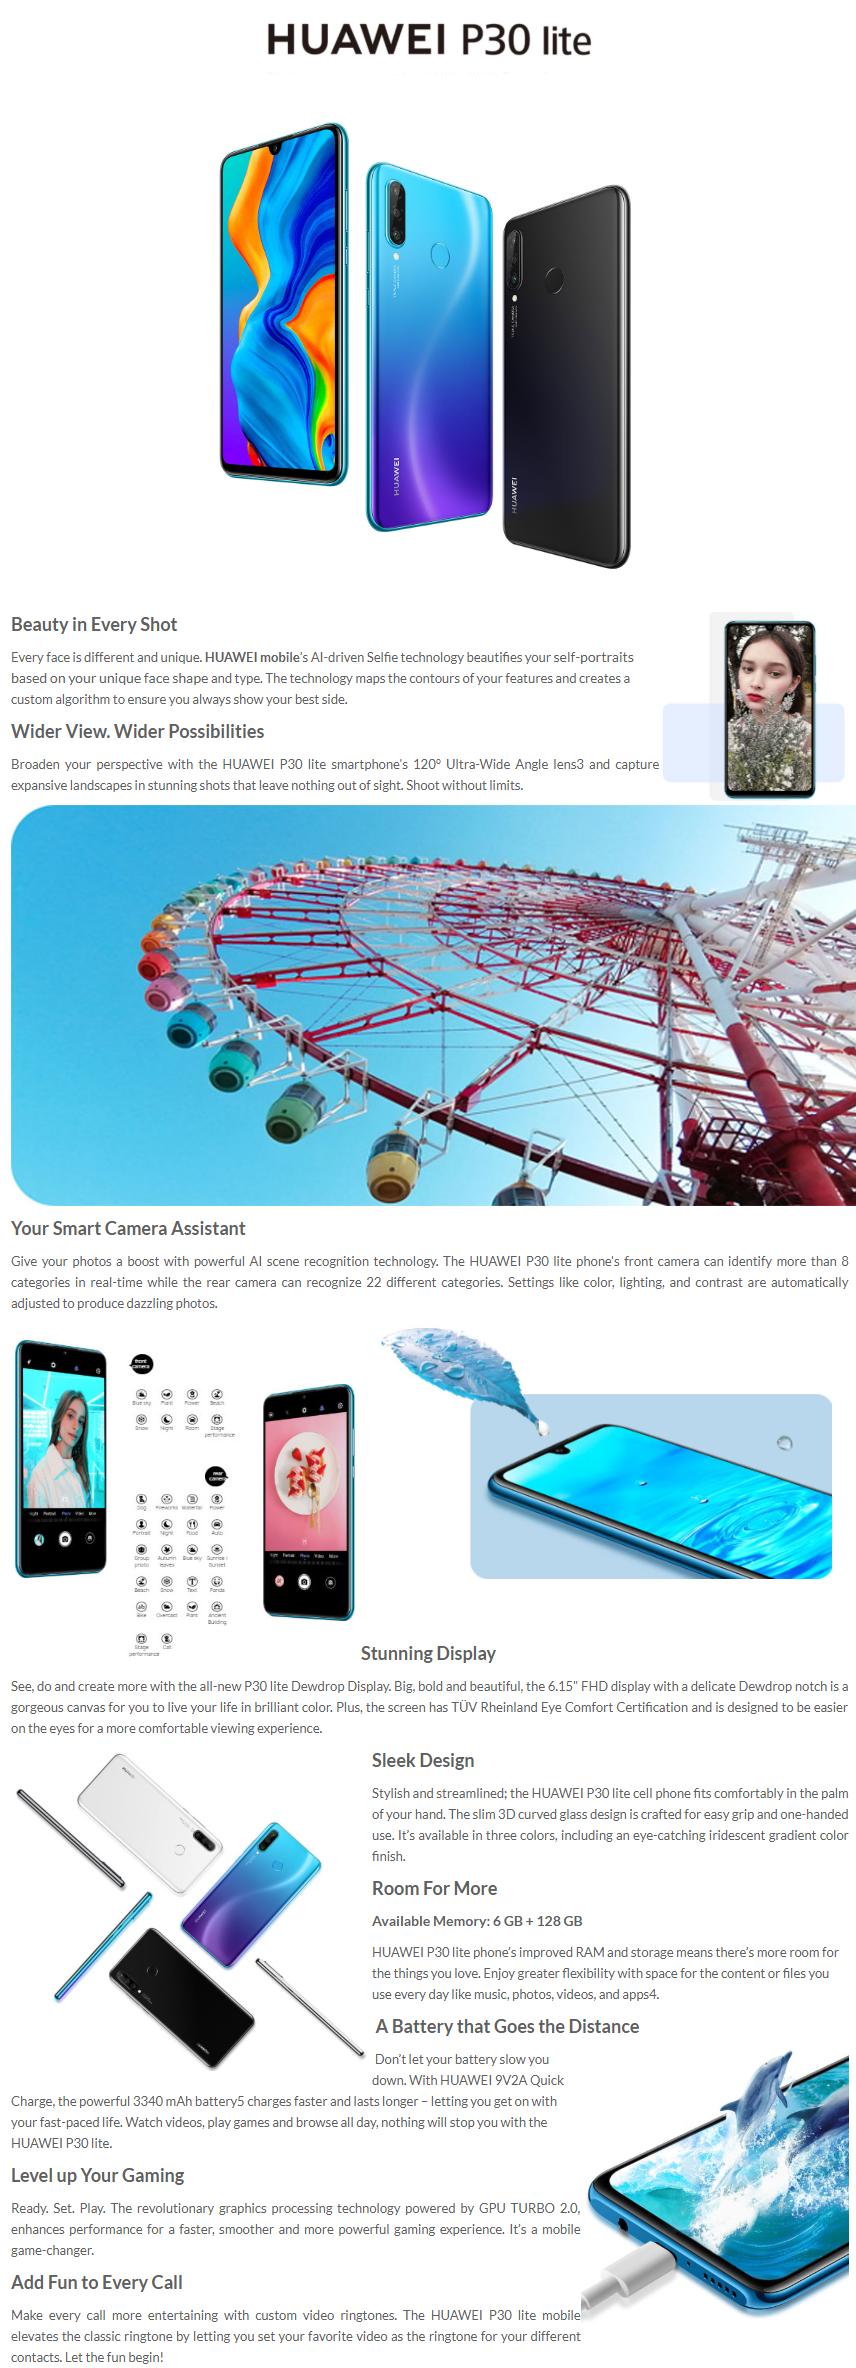 Huawei p30 lite price in bangladesh